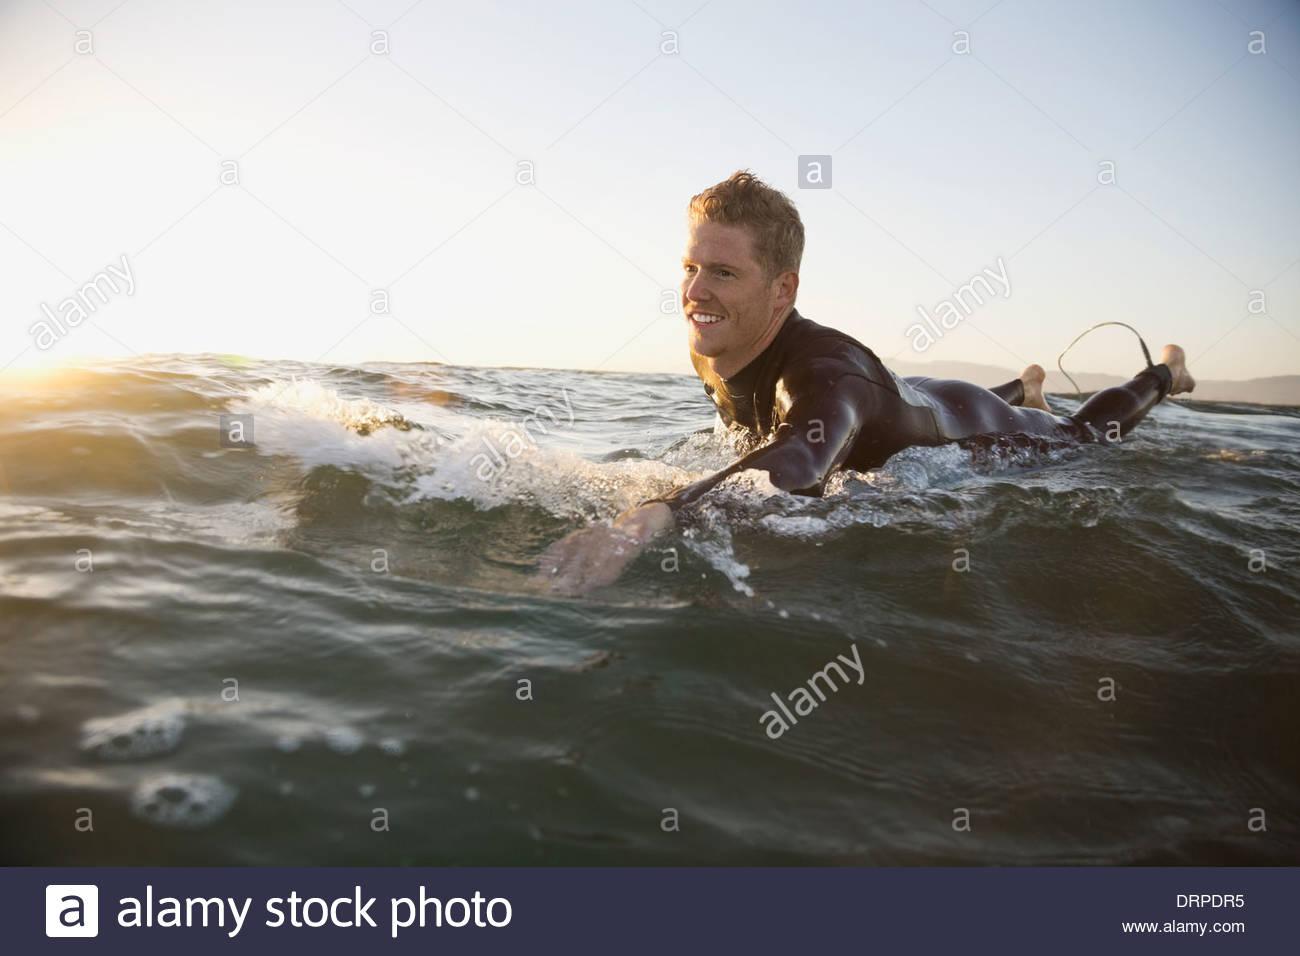 Mann auf Surfbrett paddeln Stockbild